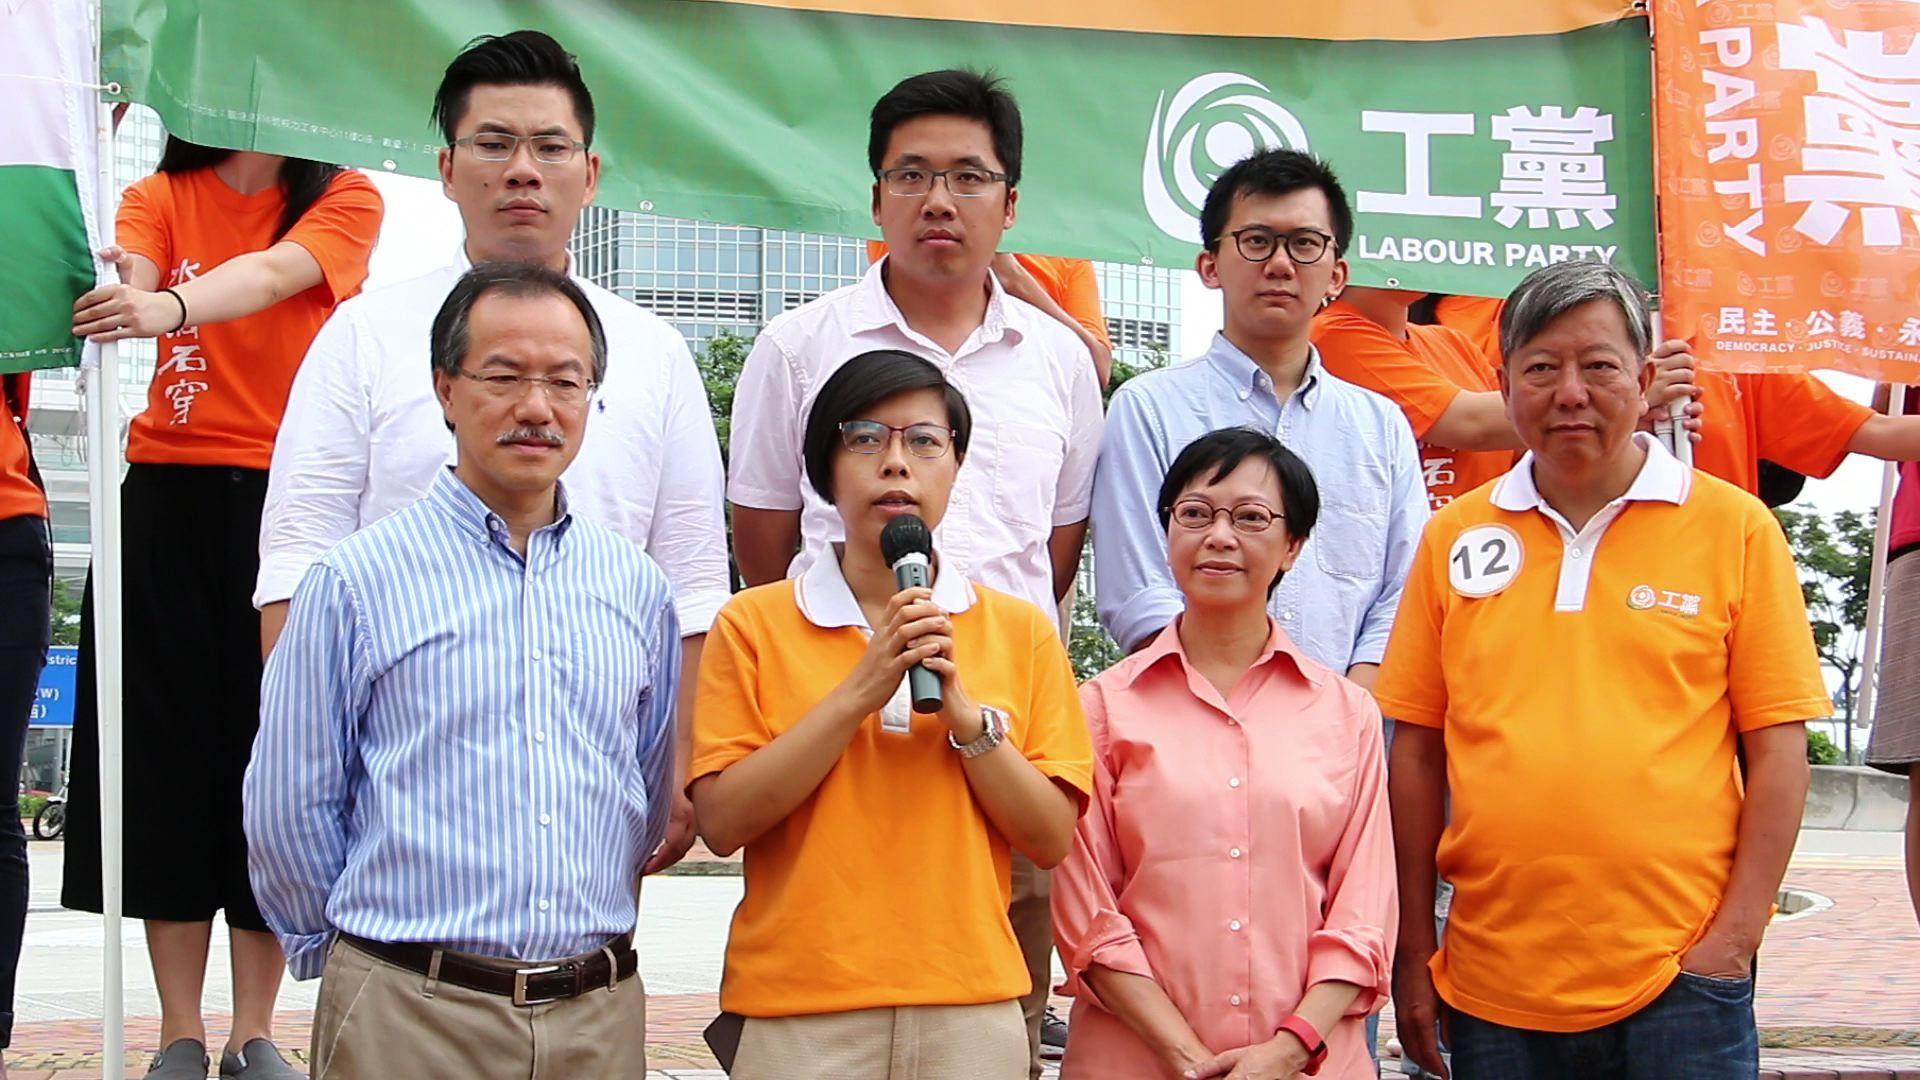 工黨今早10時在中環香港大會堂對開空地,舉行全面告急團結集會,呼籲市民投他們一票。(蔡雯文/大紀元)